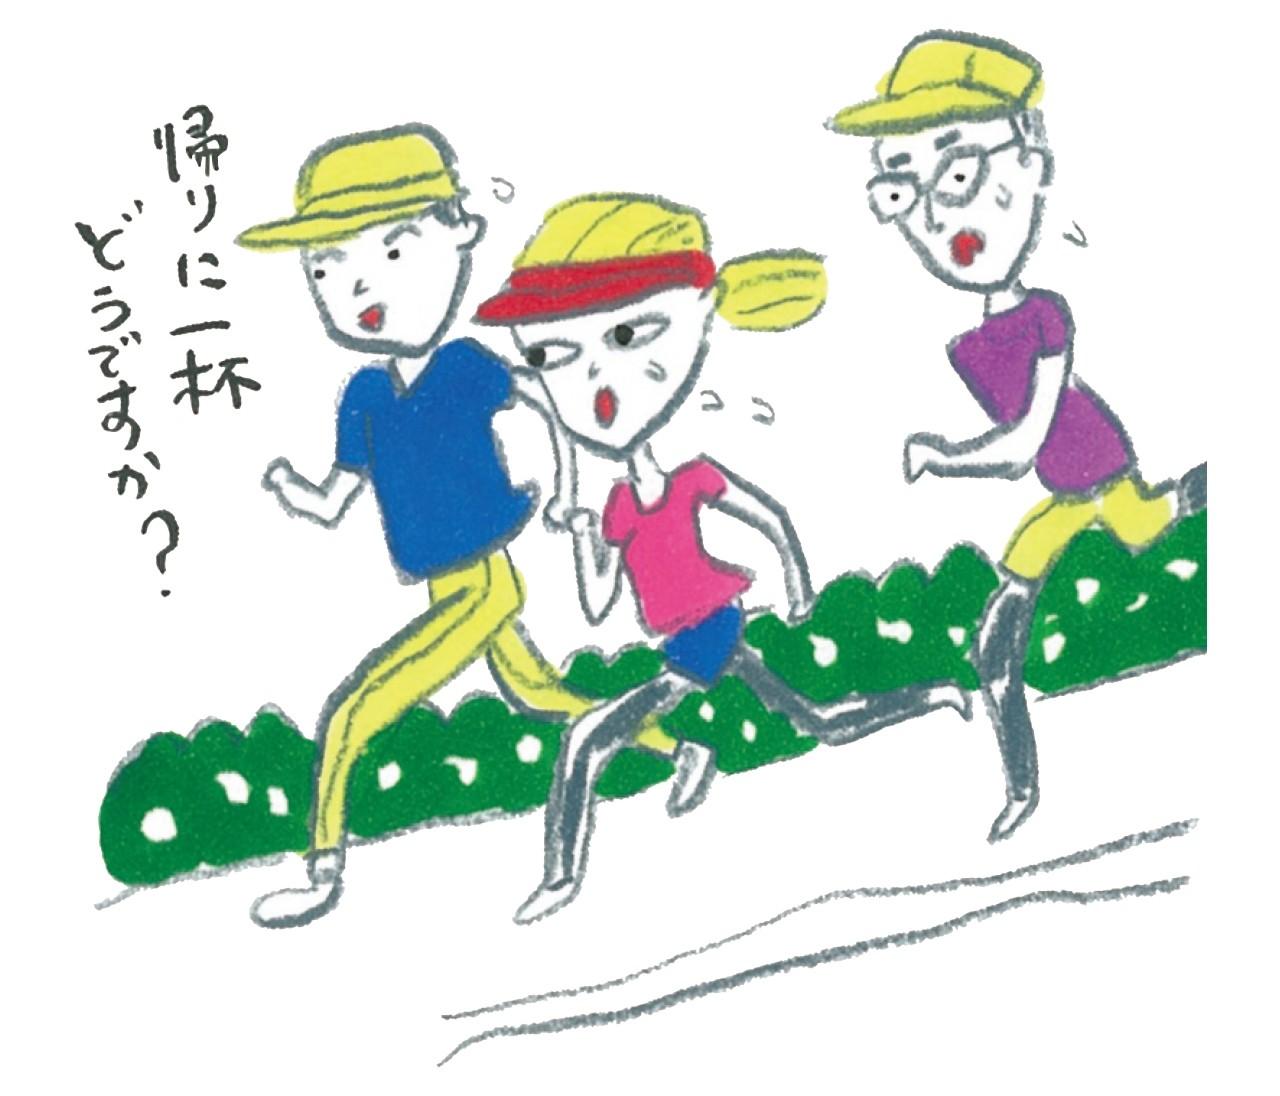 婚活疲労→逆転勝利!ひょんなご縁で結婚に【婚活成功エピソード②】